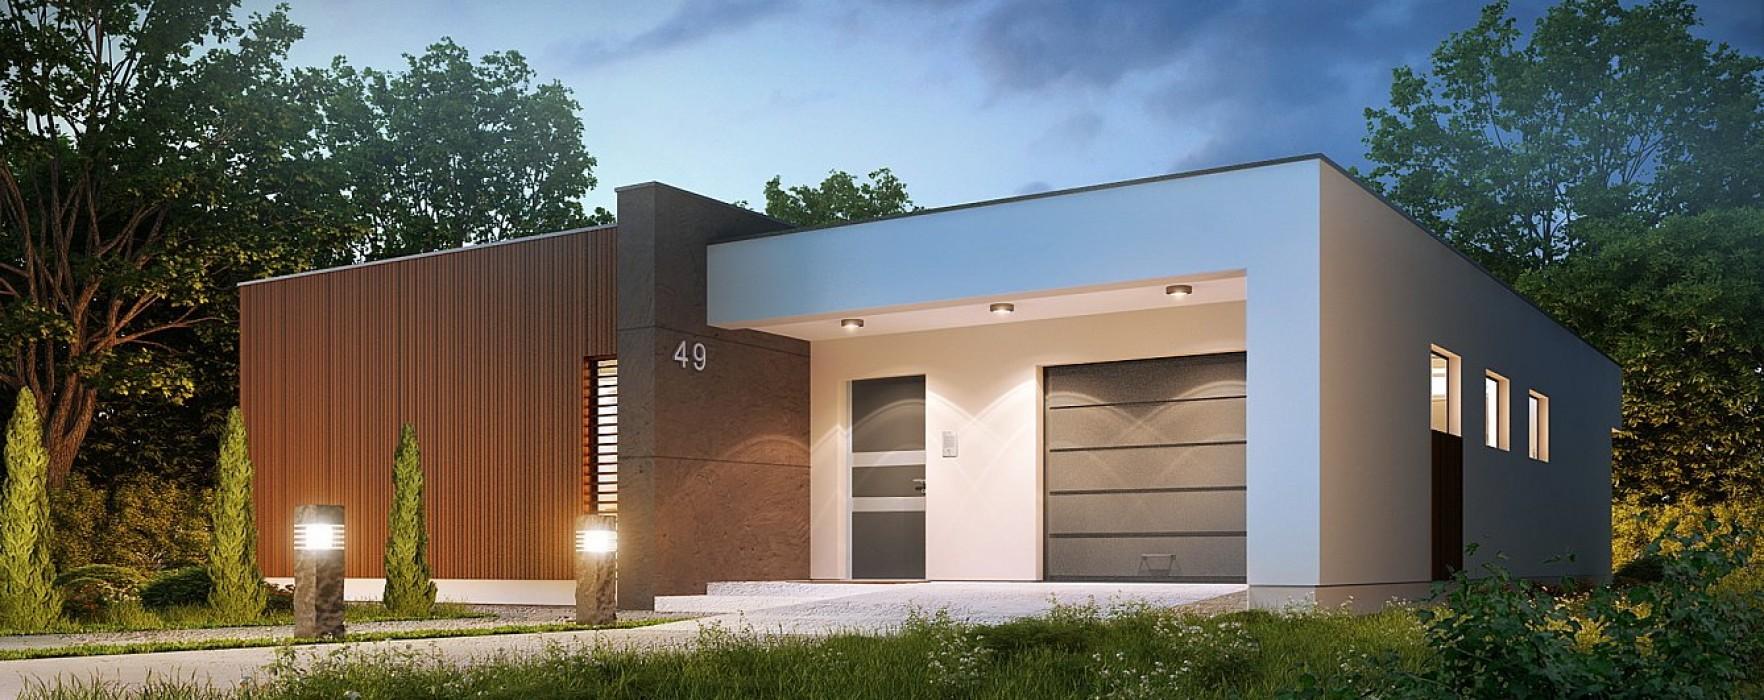 Ristrutturazione edilizia casa dell 39 energia tecnoclima sas for Piccoli piani energetici efficienti